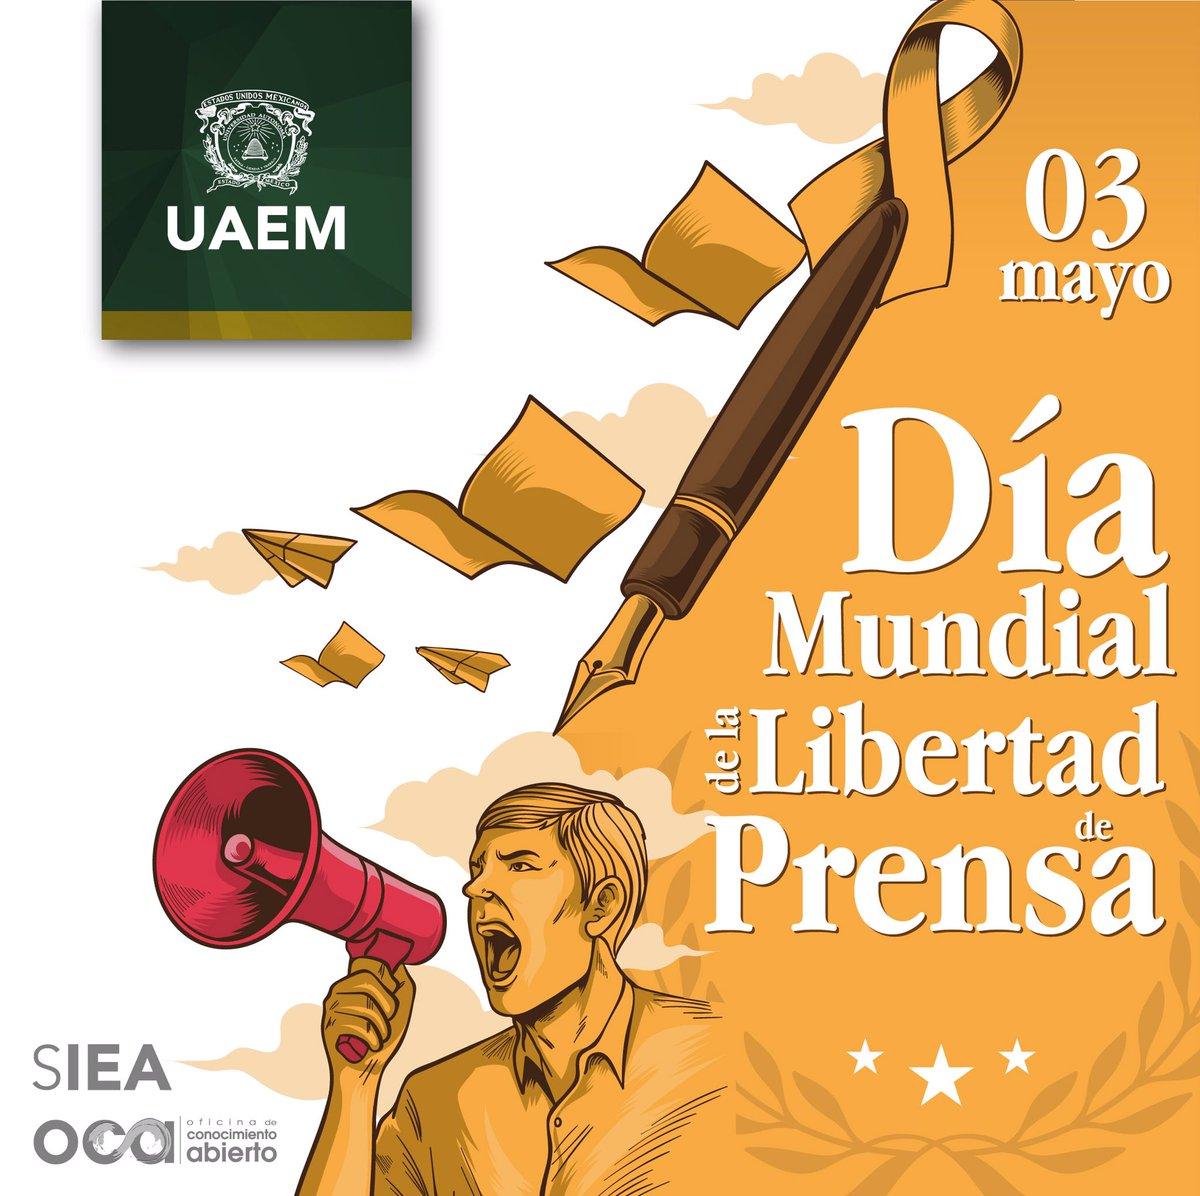 #MiUniversidadEs #AccesoAbierto invitamos a consultar producción sobre  #CienciasPoliticasySociales en el @RIUAEM_MX, contamos con +600 documentos disponibles para ti entra a: https://bit.ly/2HJLgo1pic.twitter.com/vCOwD3QT45